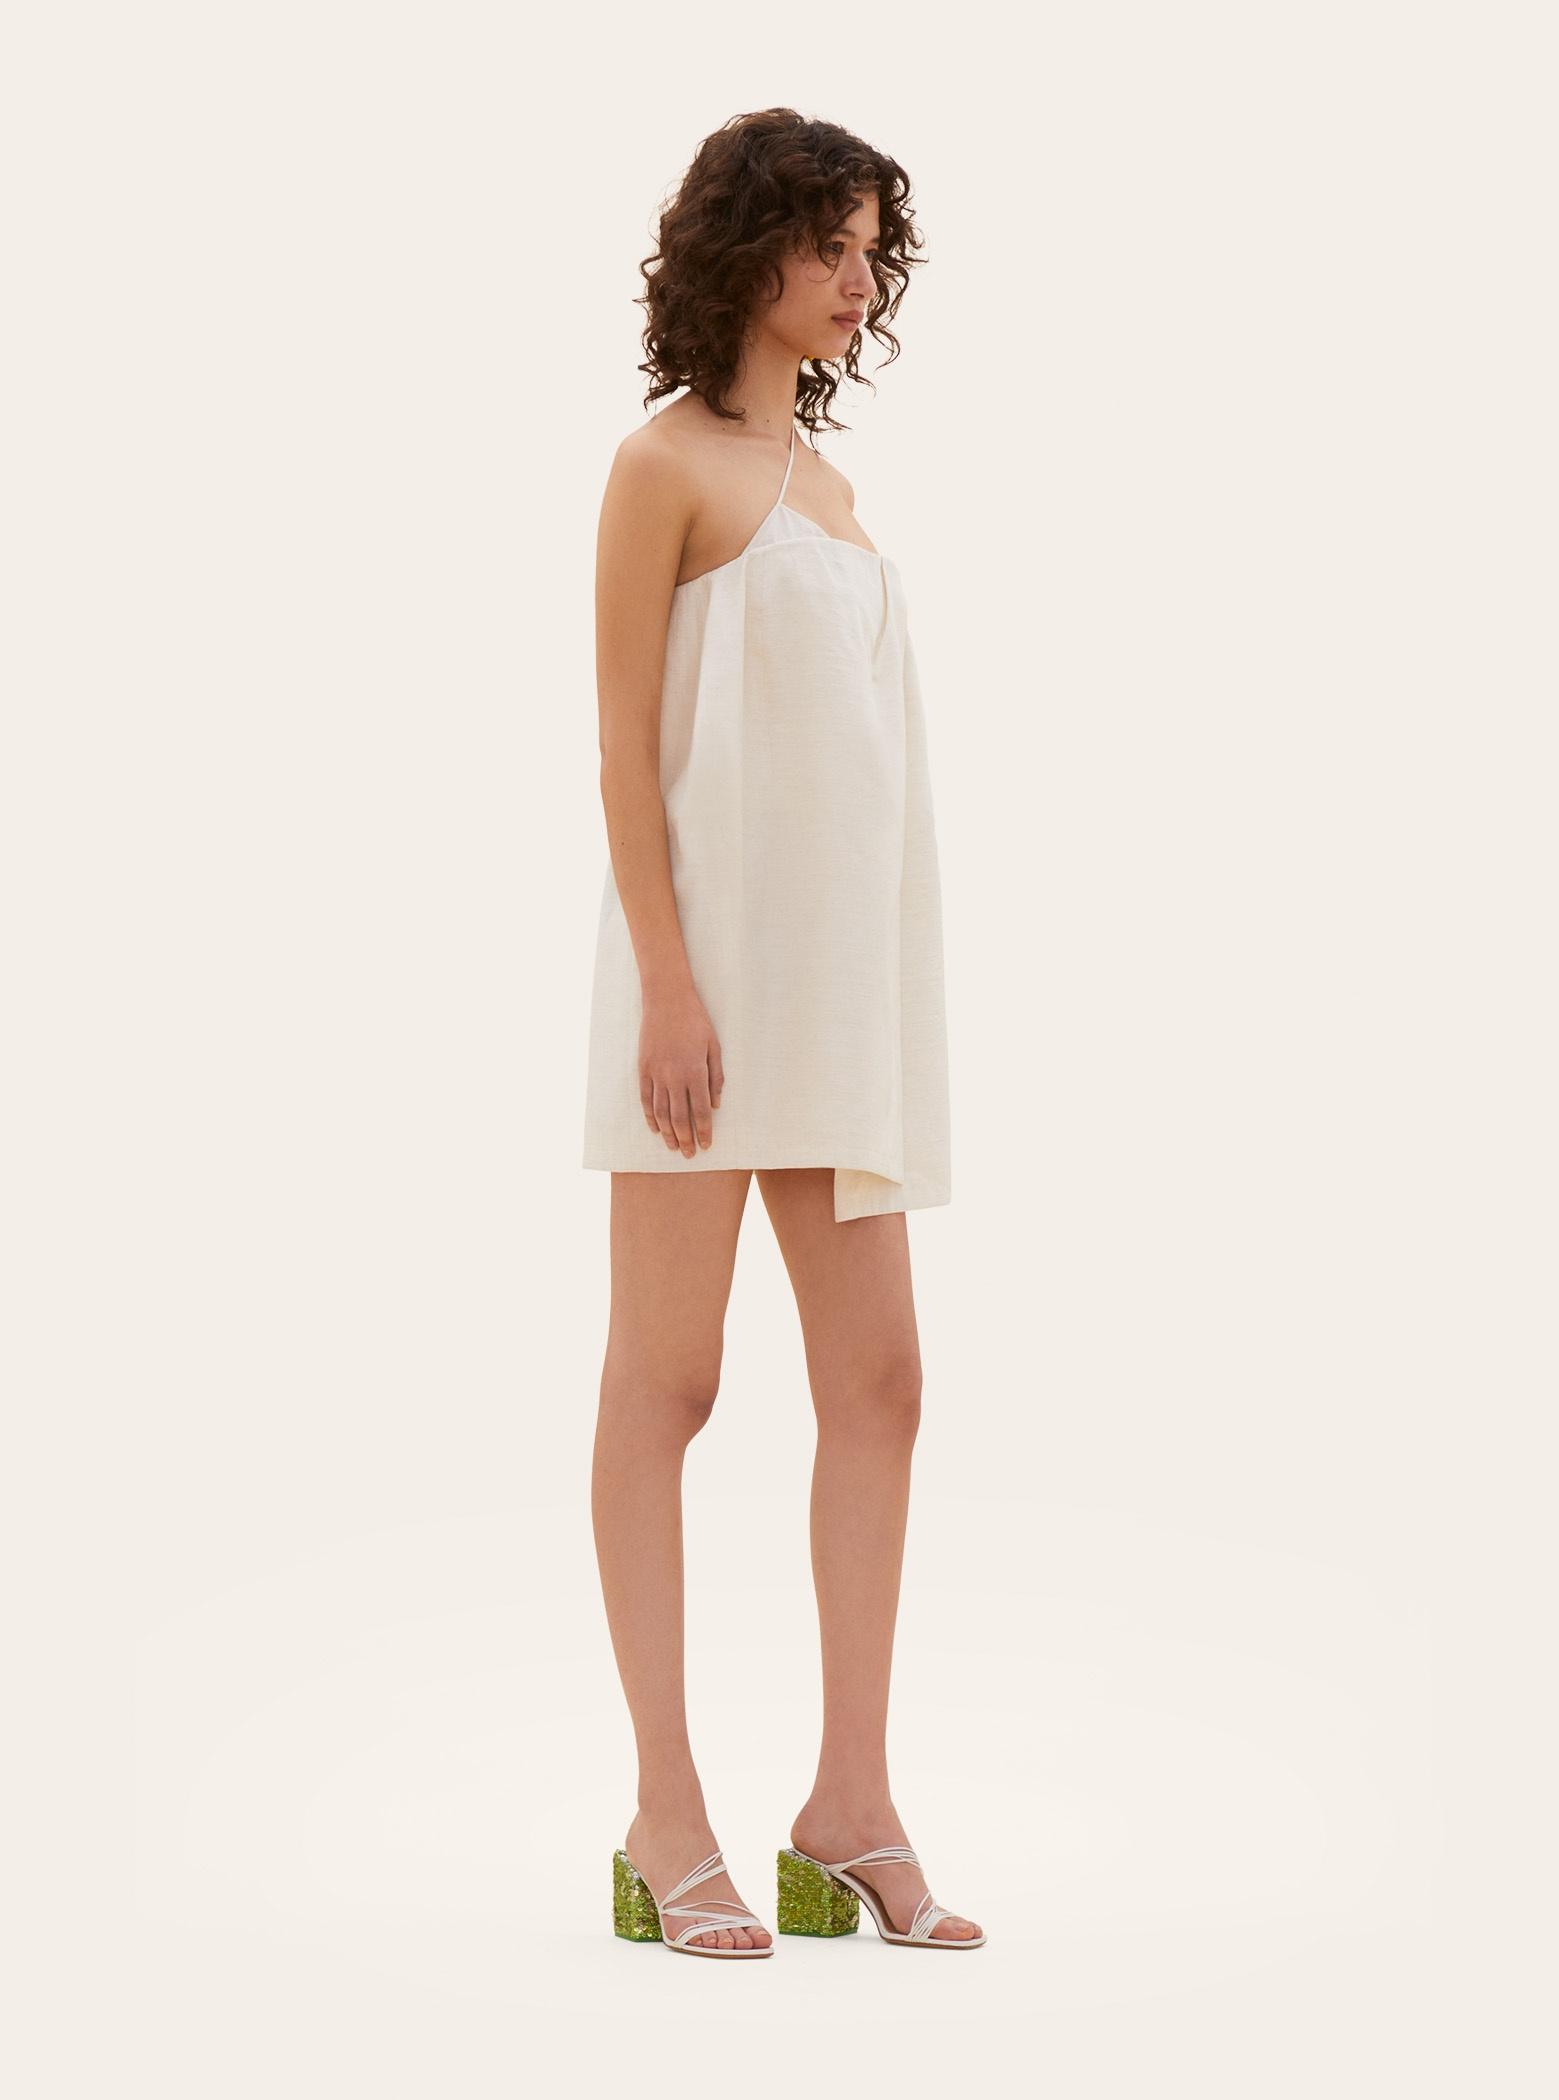 La robe Soleil